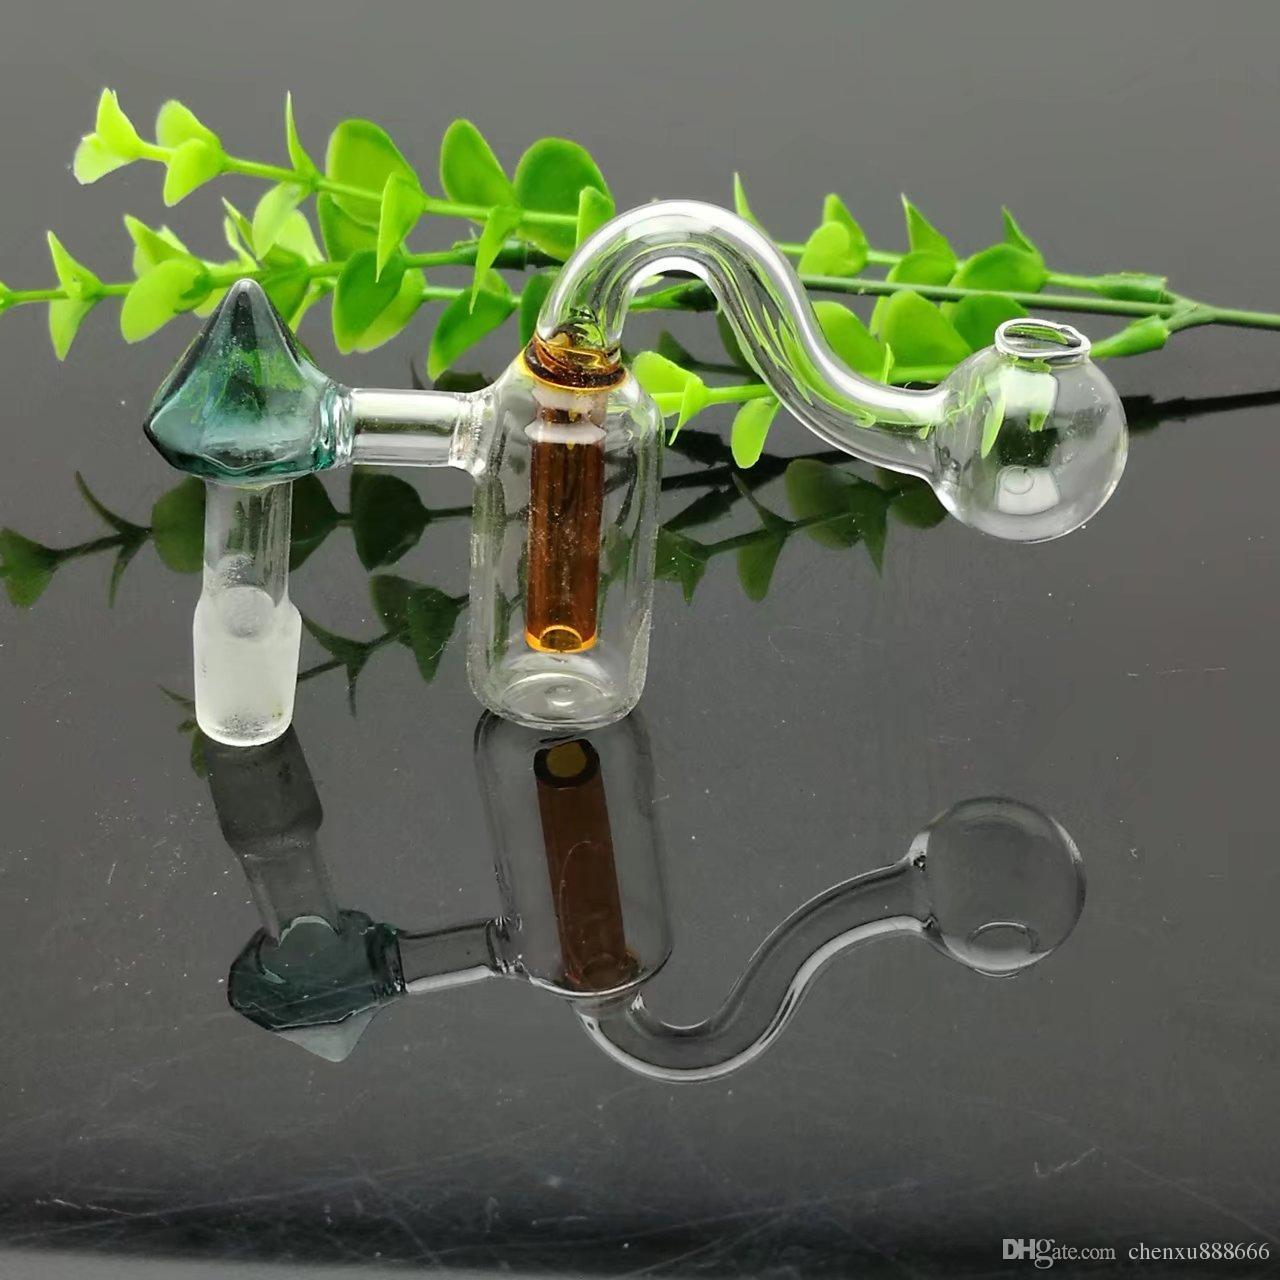 Цветной фильтр S алмаз горшок оптовой стеклянные бонги масла горелки Стеклянные трубы водопроводных труб нефтяных вышек, масло.